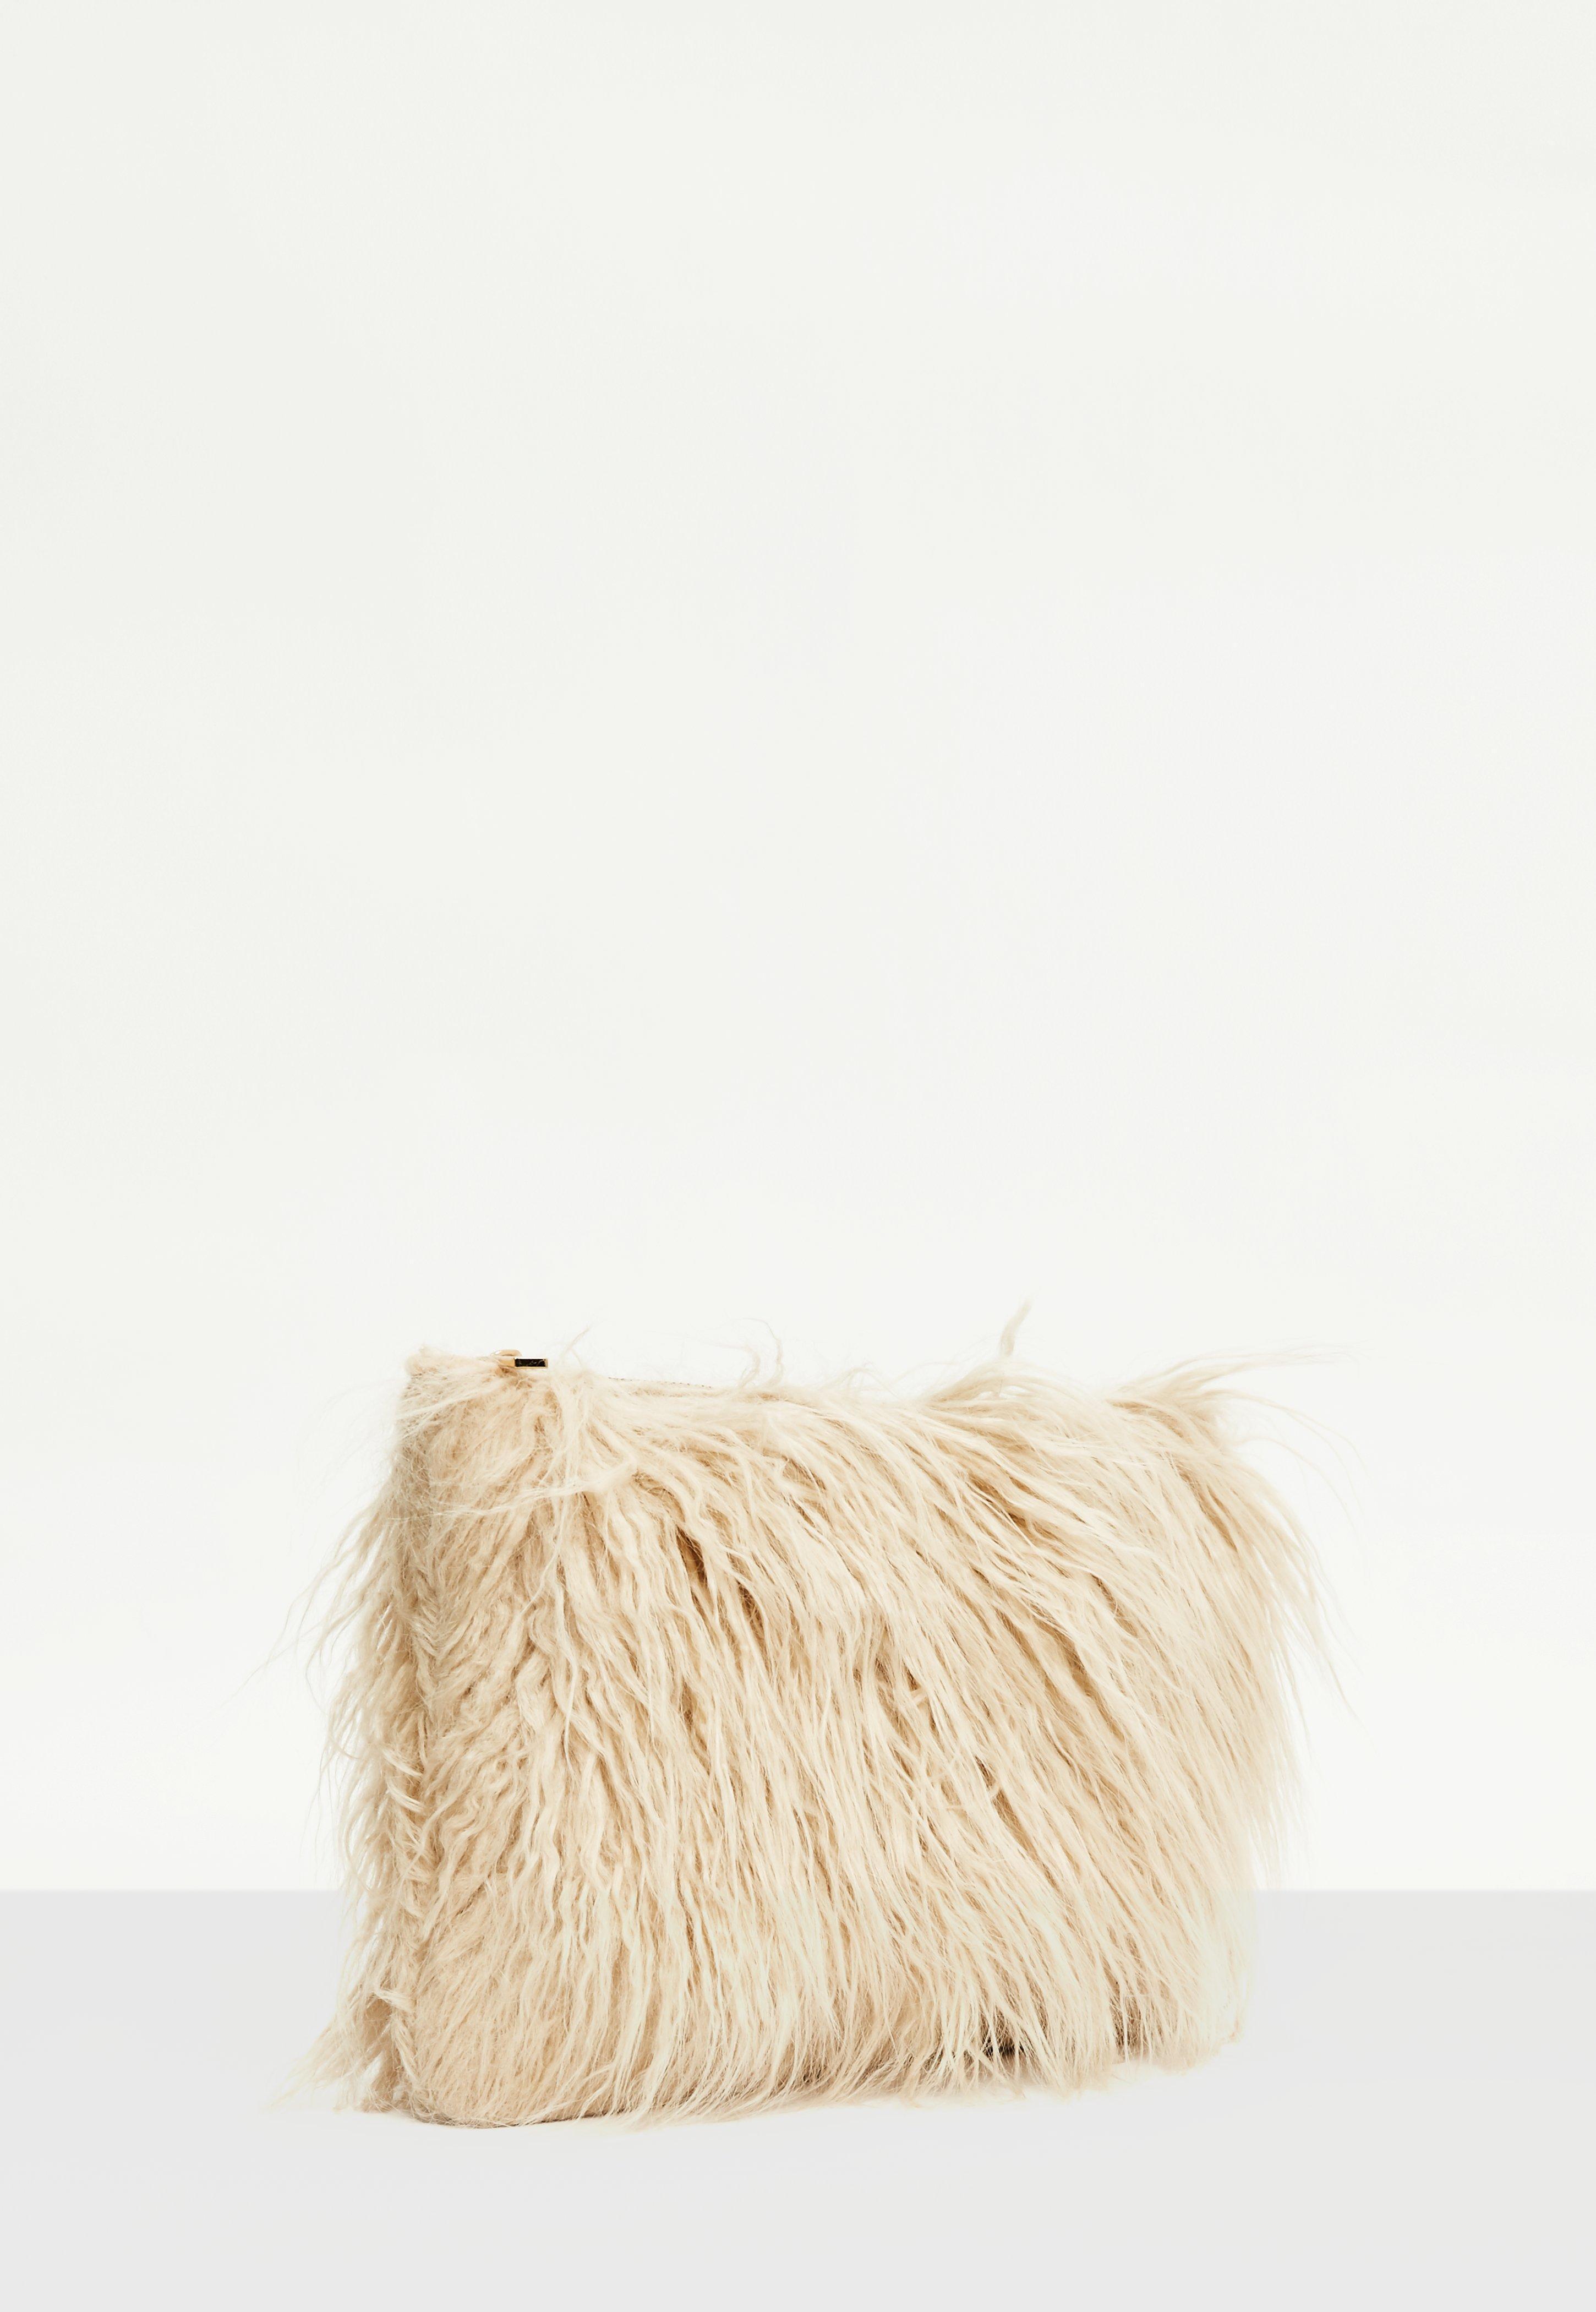 Lyst - Missguided Cream Mongolian Faux Fur Clutch Bag d8c4250ec5a4c